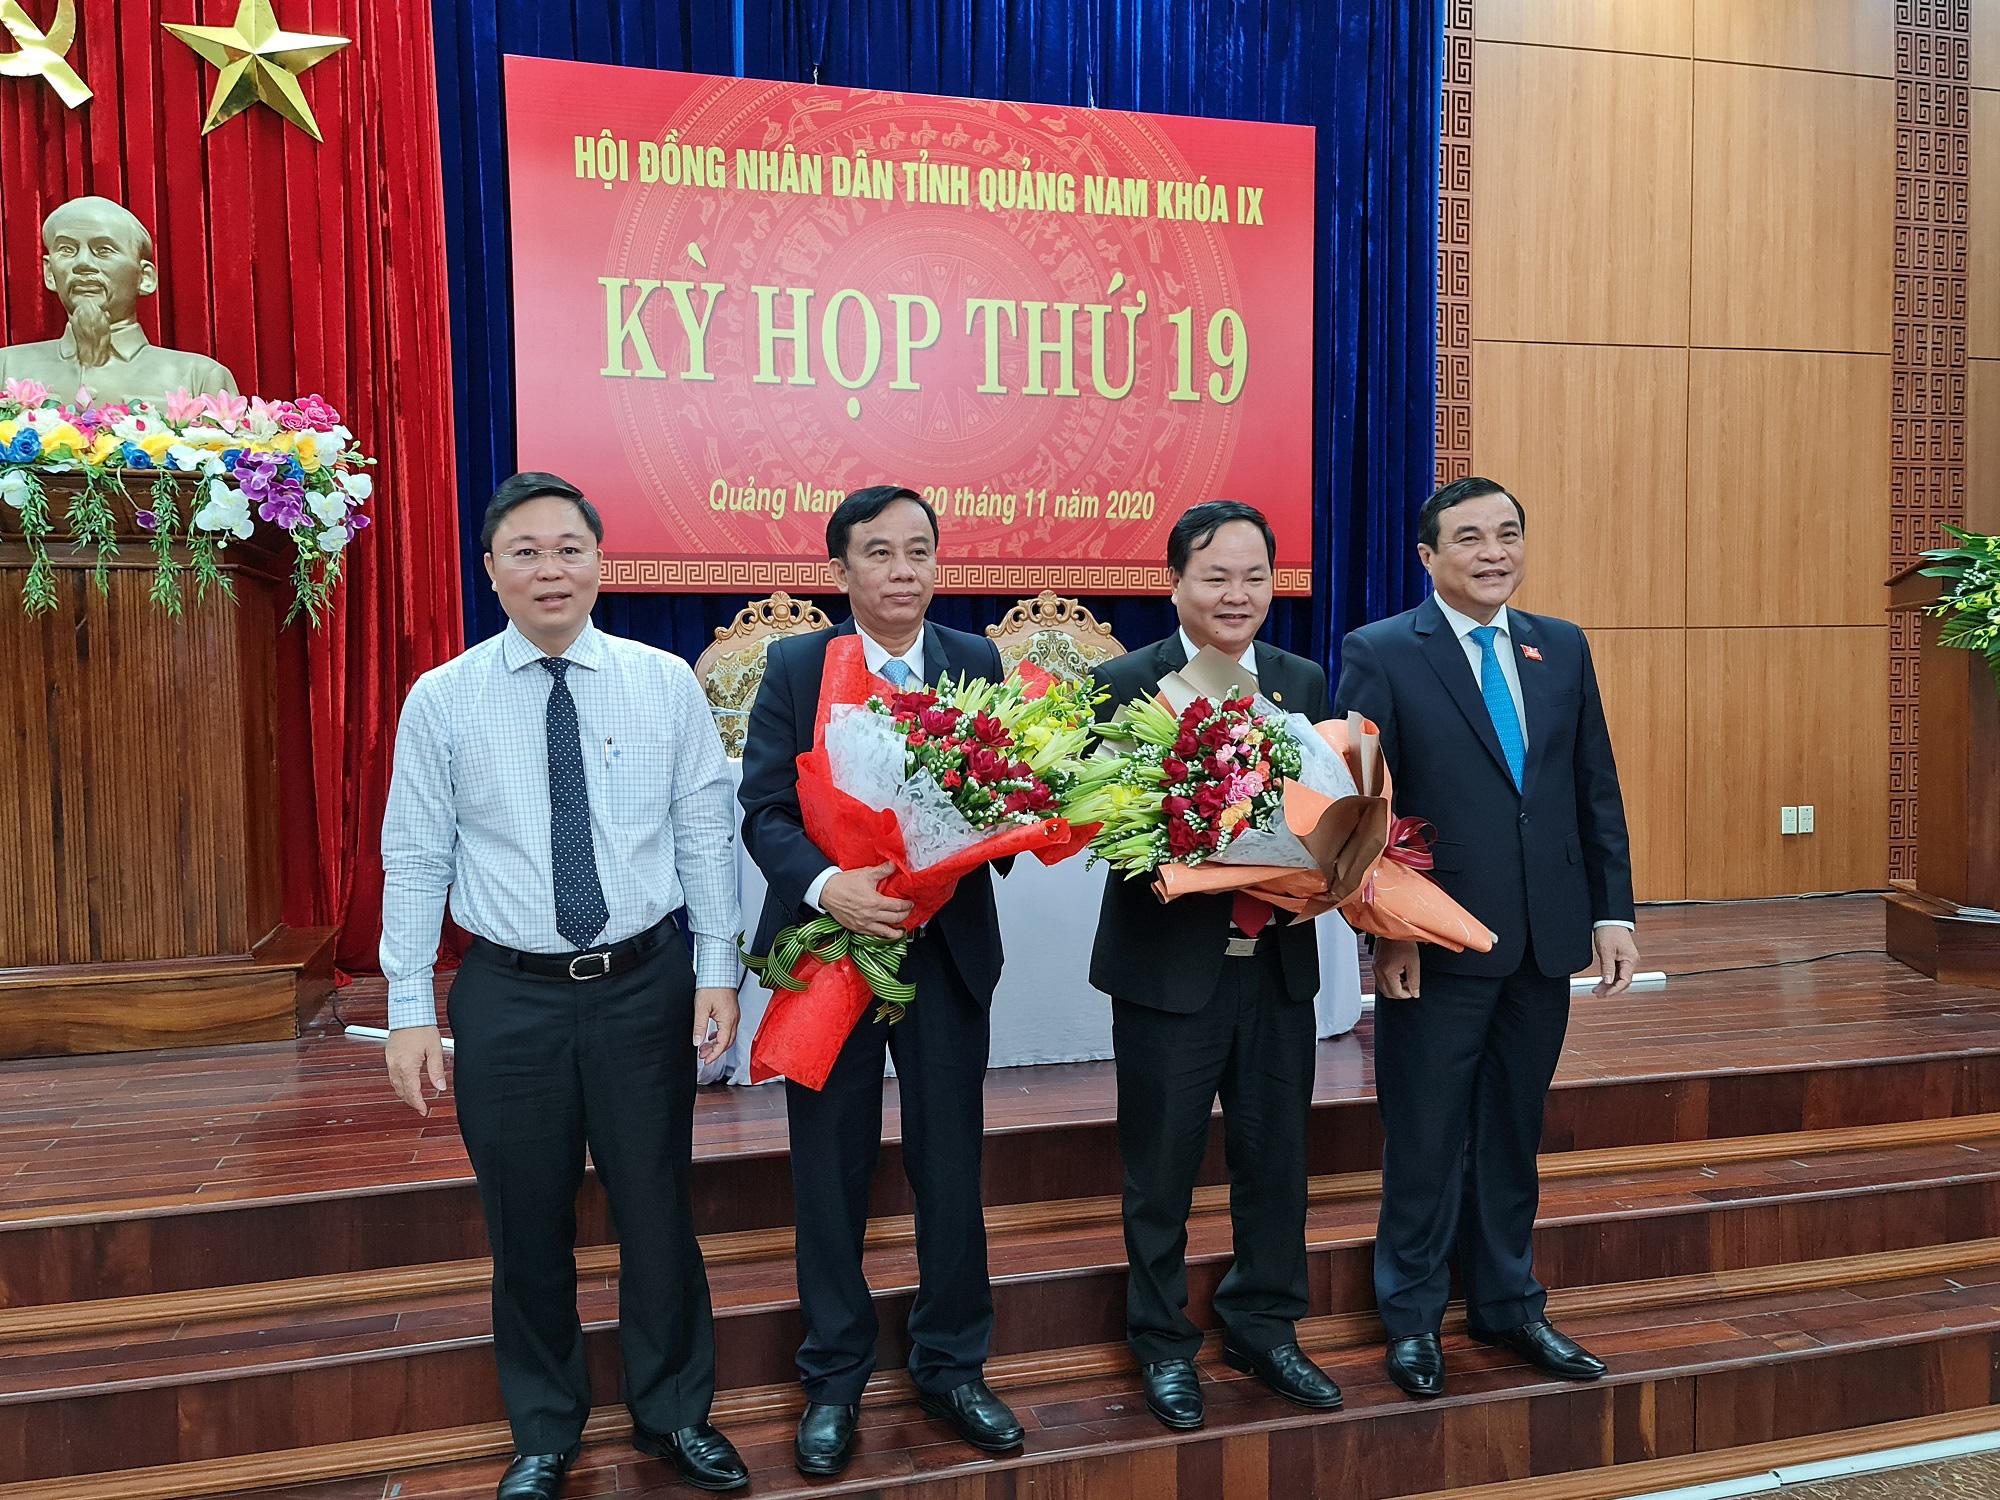 Ông Nguyễn Hồng Quang giữ chức Phó Chủ tịch UBND tỉnh Quảng Nam ở tuổi 44 - Ảnh 2.